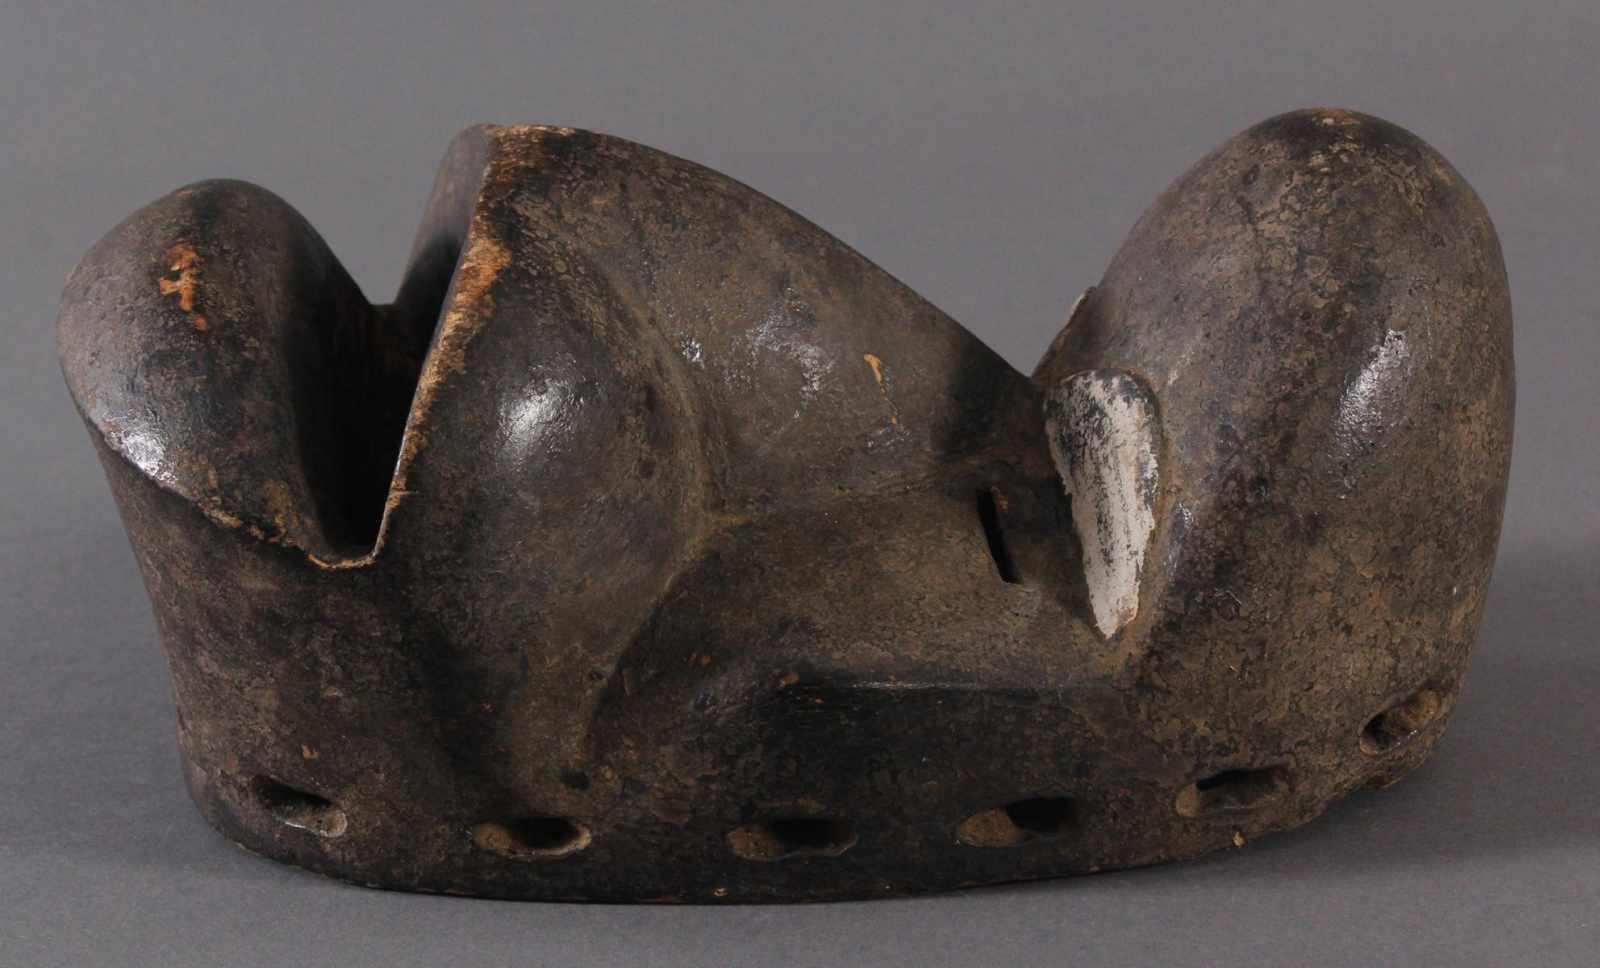 Antike Maske der Dan, Kran, Elfenbeinküste 1. Hälfte 20. Jh.Holz geschnitzt, dunkle Patina, weiße - Bild 3 aus 4